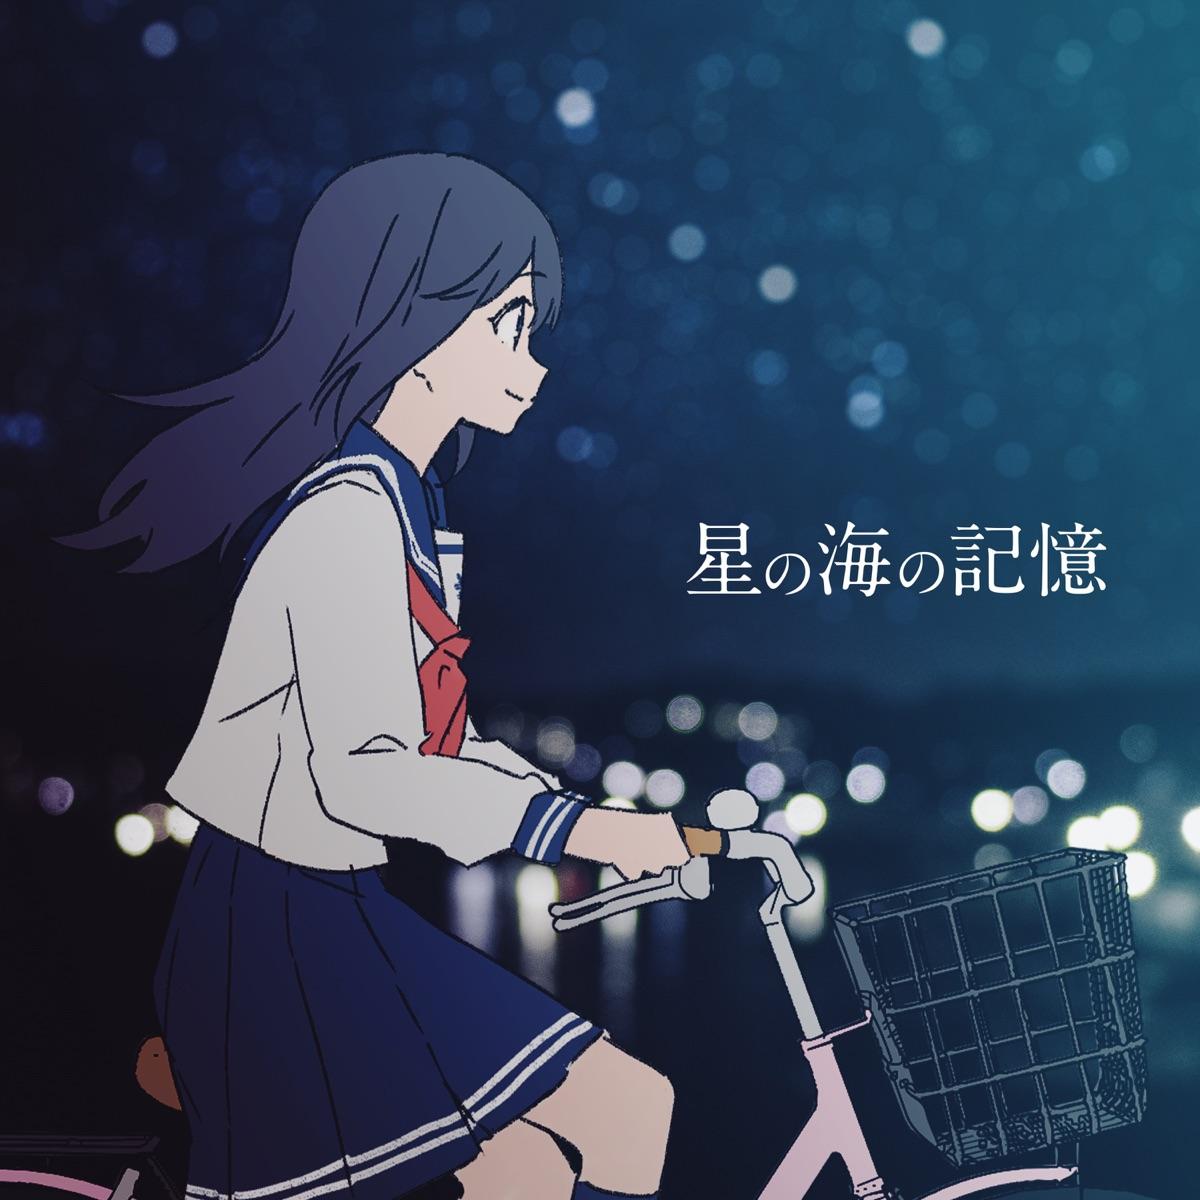 『長瀬麻奈(神田沙也加) - 星の海の記憶 歌詞』収録の『星の海の記憶』ジャケット